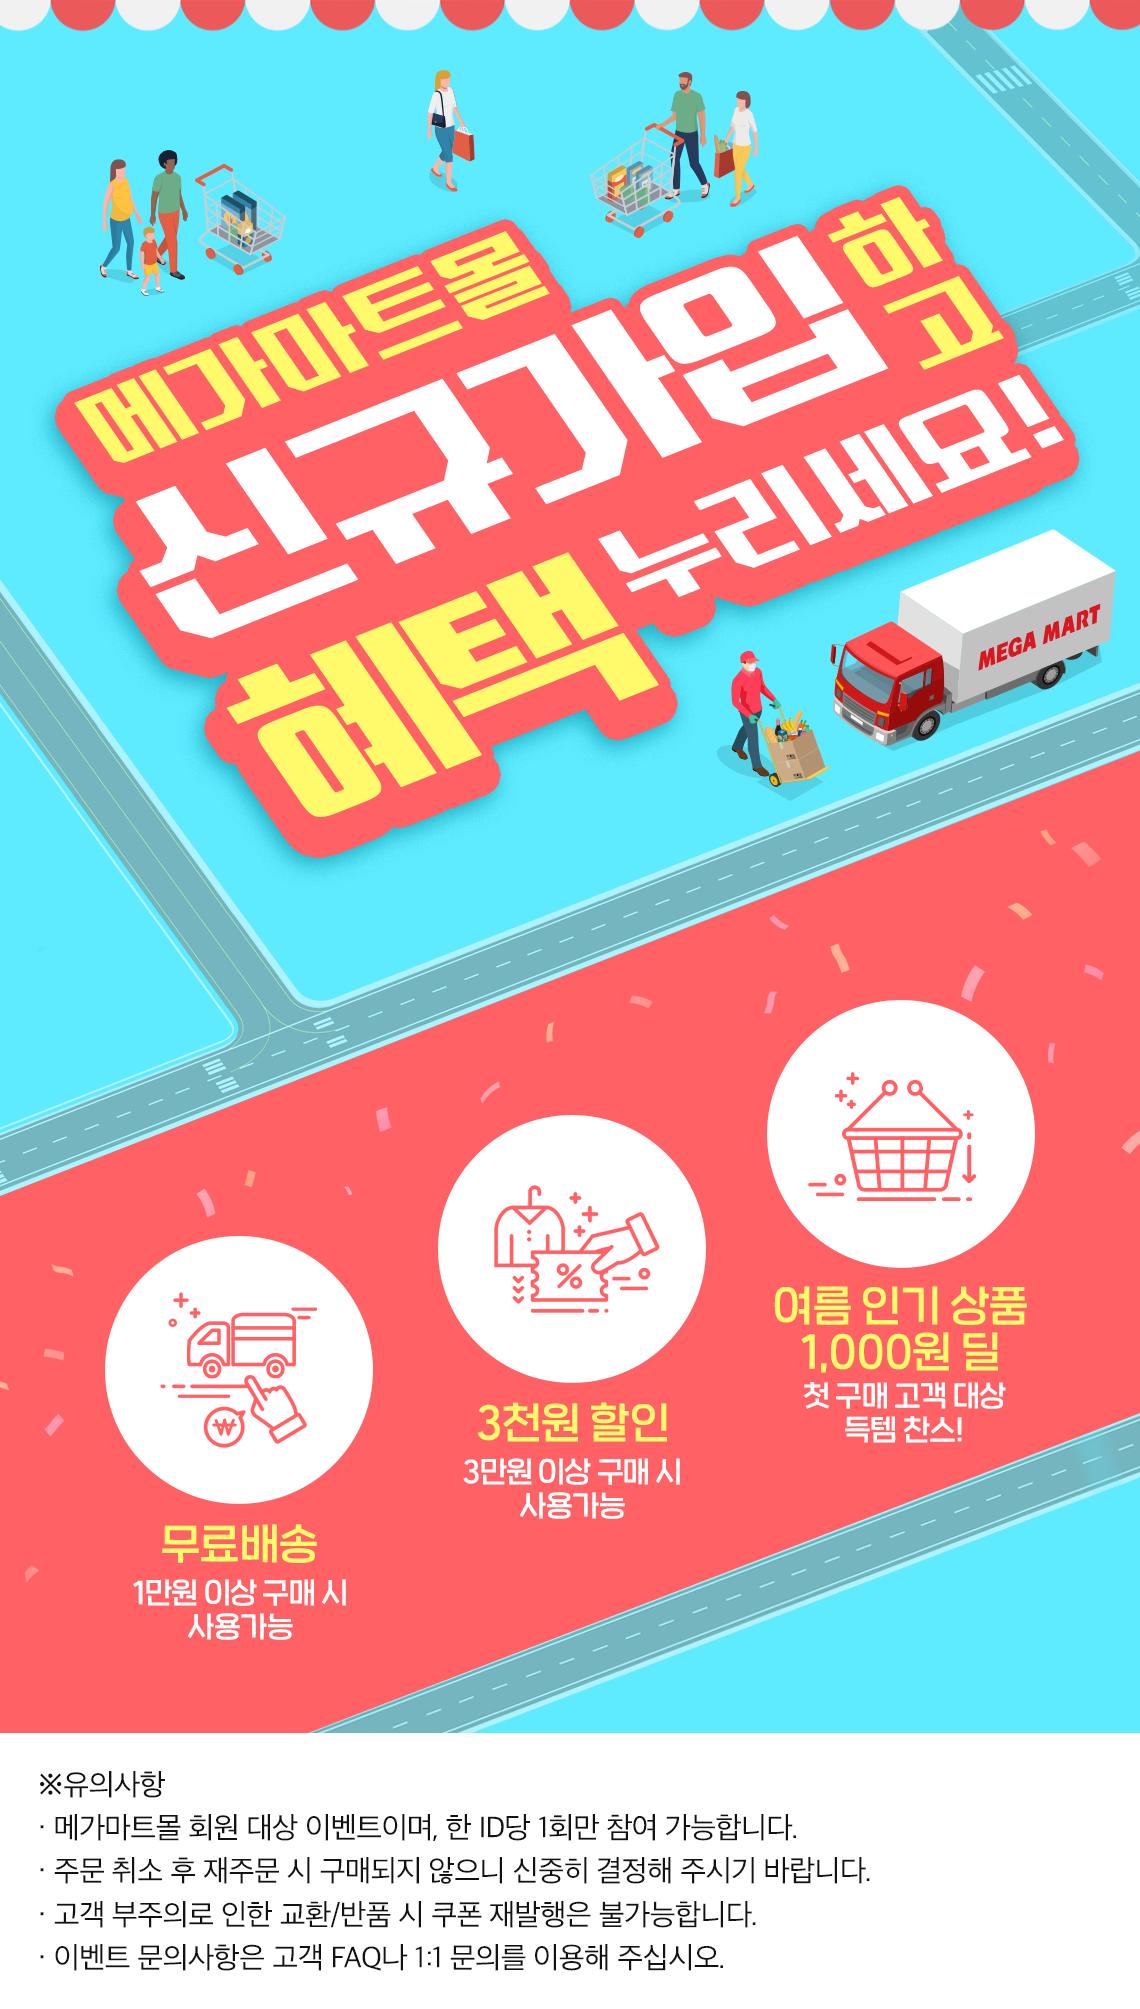 ♥7월 신규가입 혜택이 팡팡팡♥